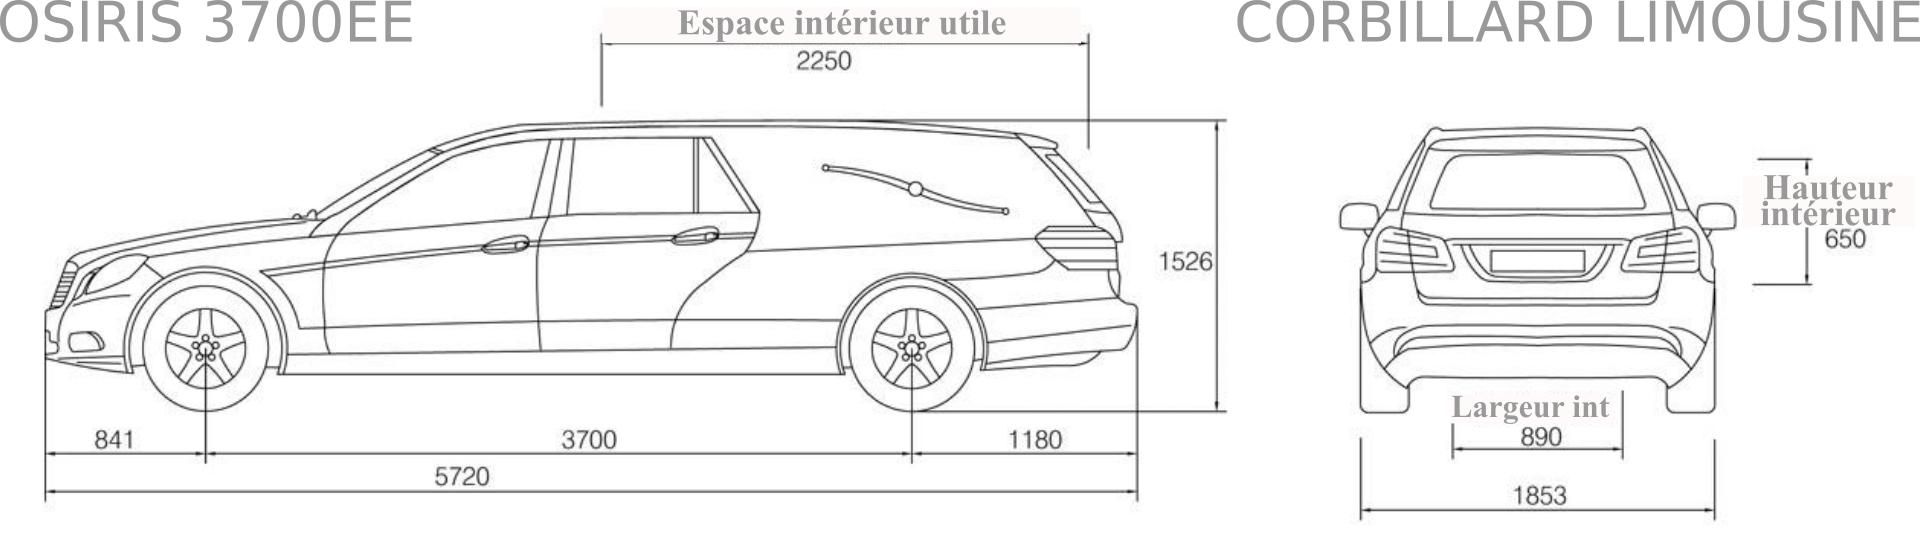 JEU du Numéro - Page 21 Vehicules-759763